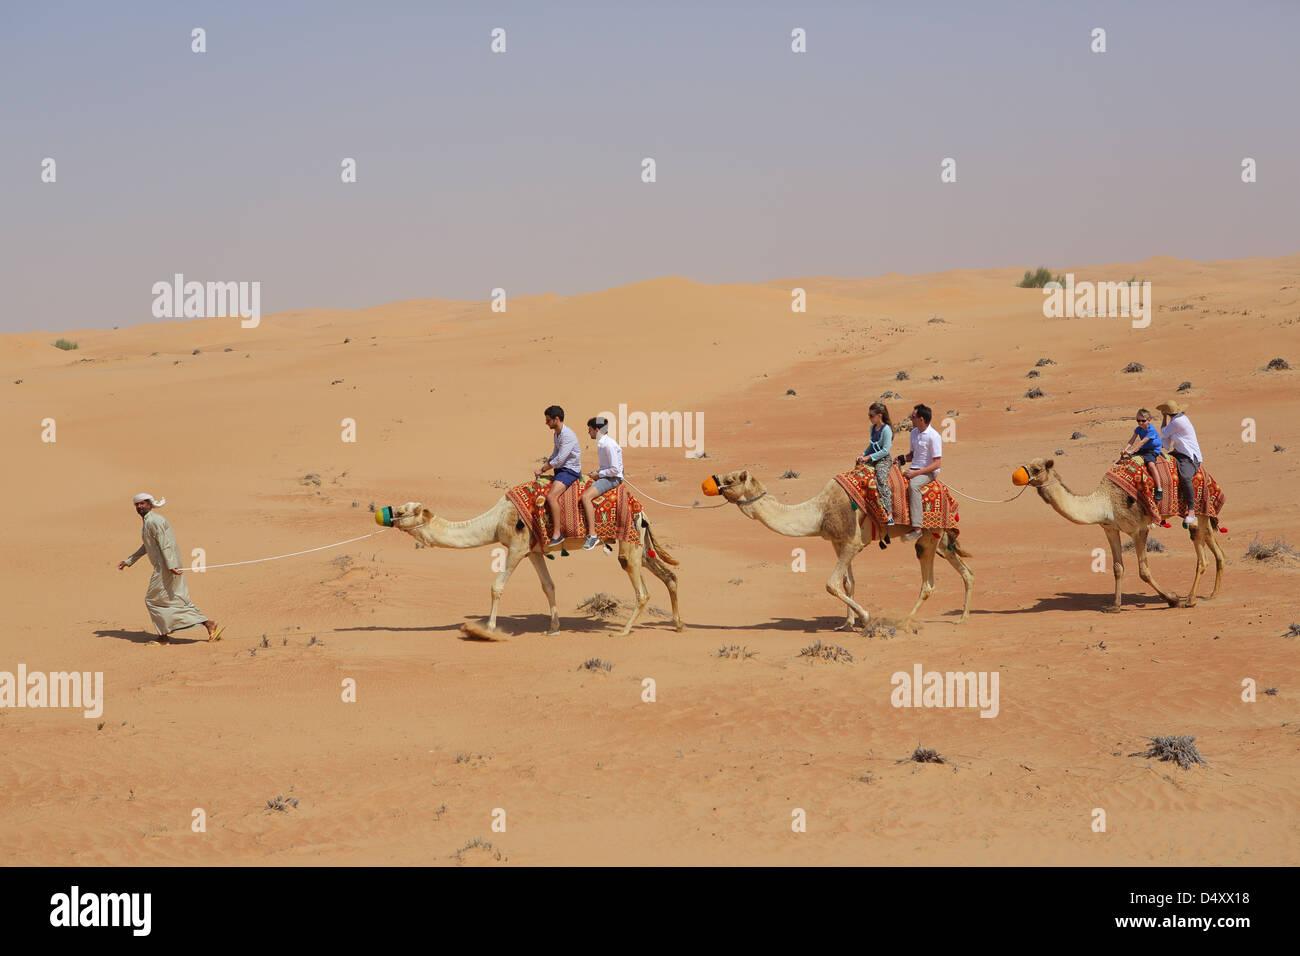 Touristen, Kamelreiten in der Wüste, Dubai, Vereinigte Arabische Emirate Stockbild